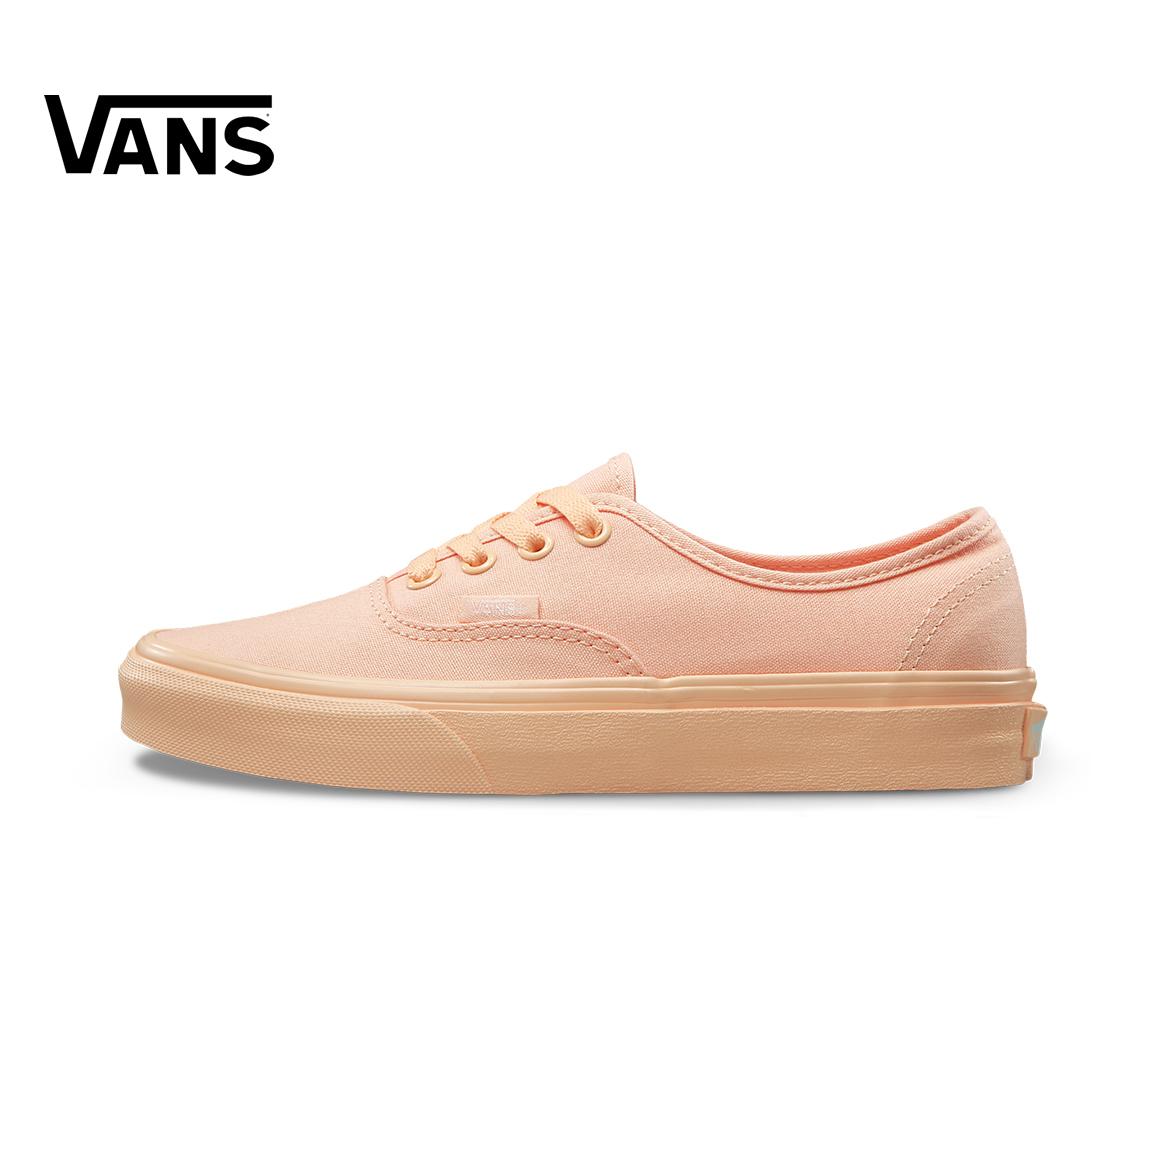 黄色帆布鞋 Vans范斯黄色中性休闲帆布鞋Authentic VN0A2Z5IOXW_推荐淘宝好看的黄色帆布鞋